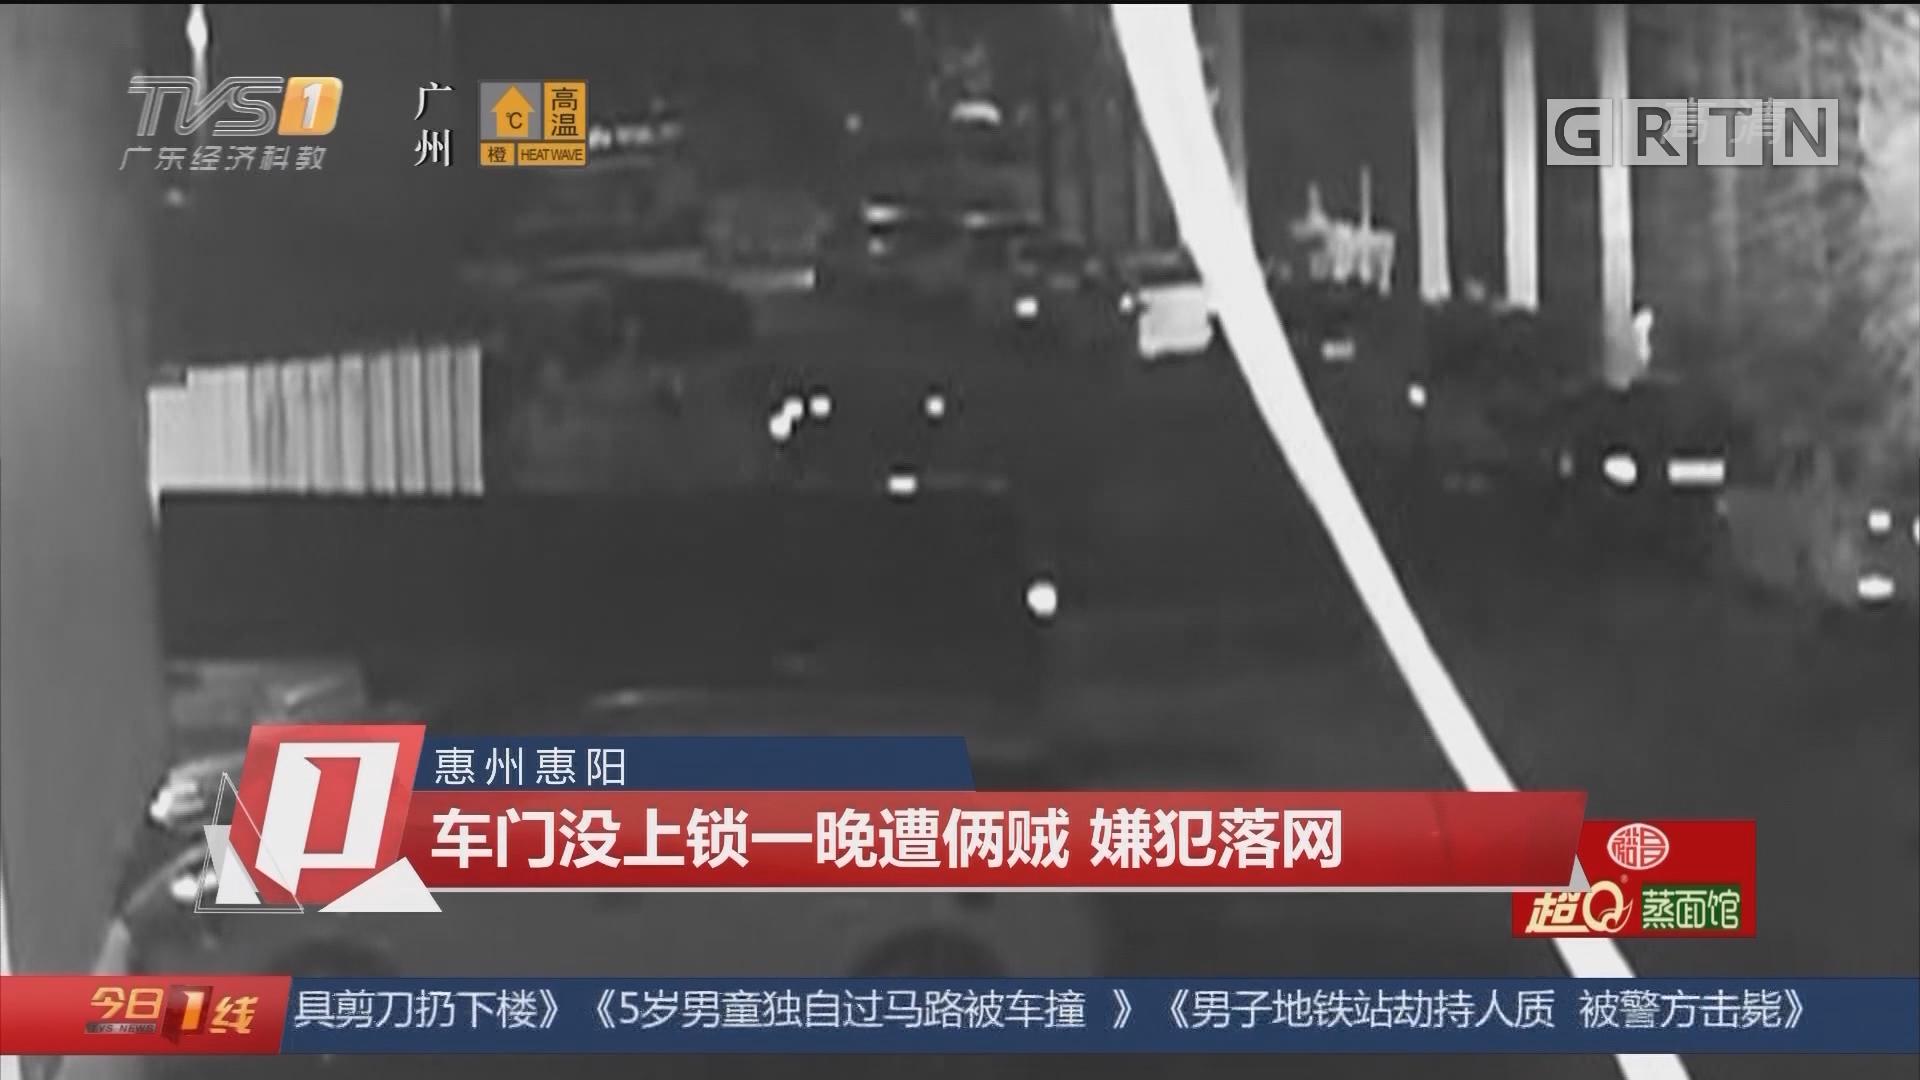 惠州惠阳:车门没上锁一晚遭俩贼 嫌犯落网